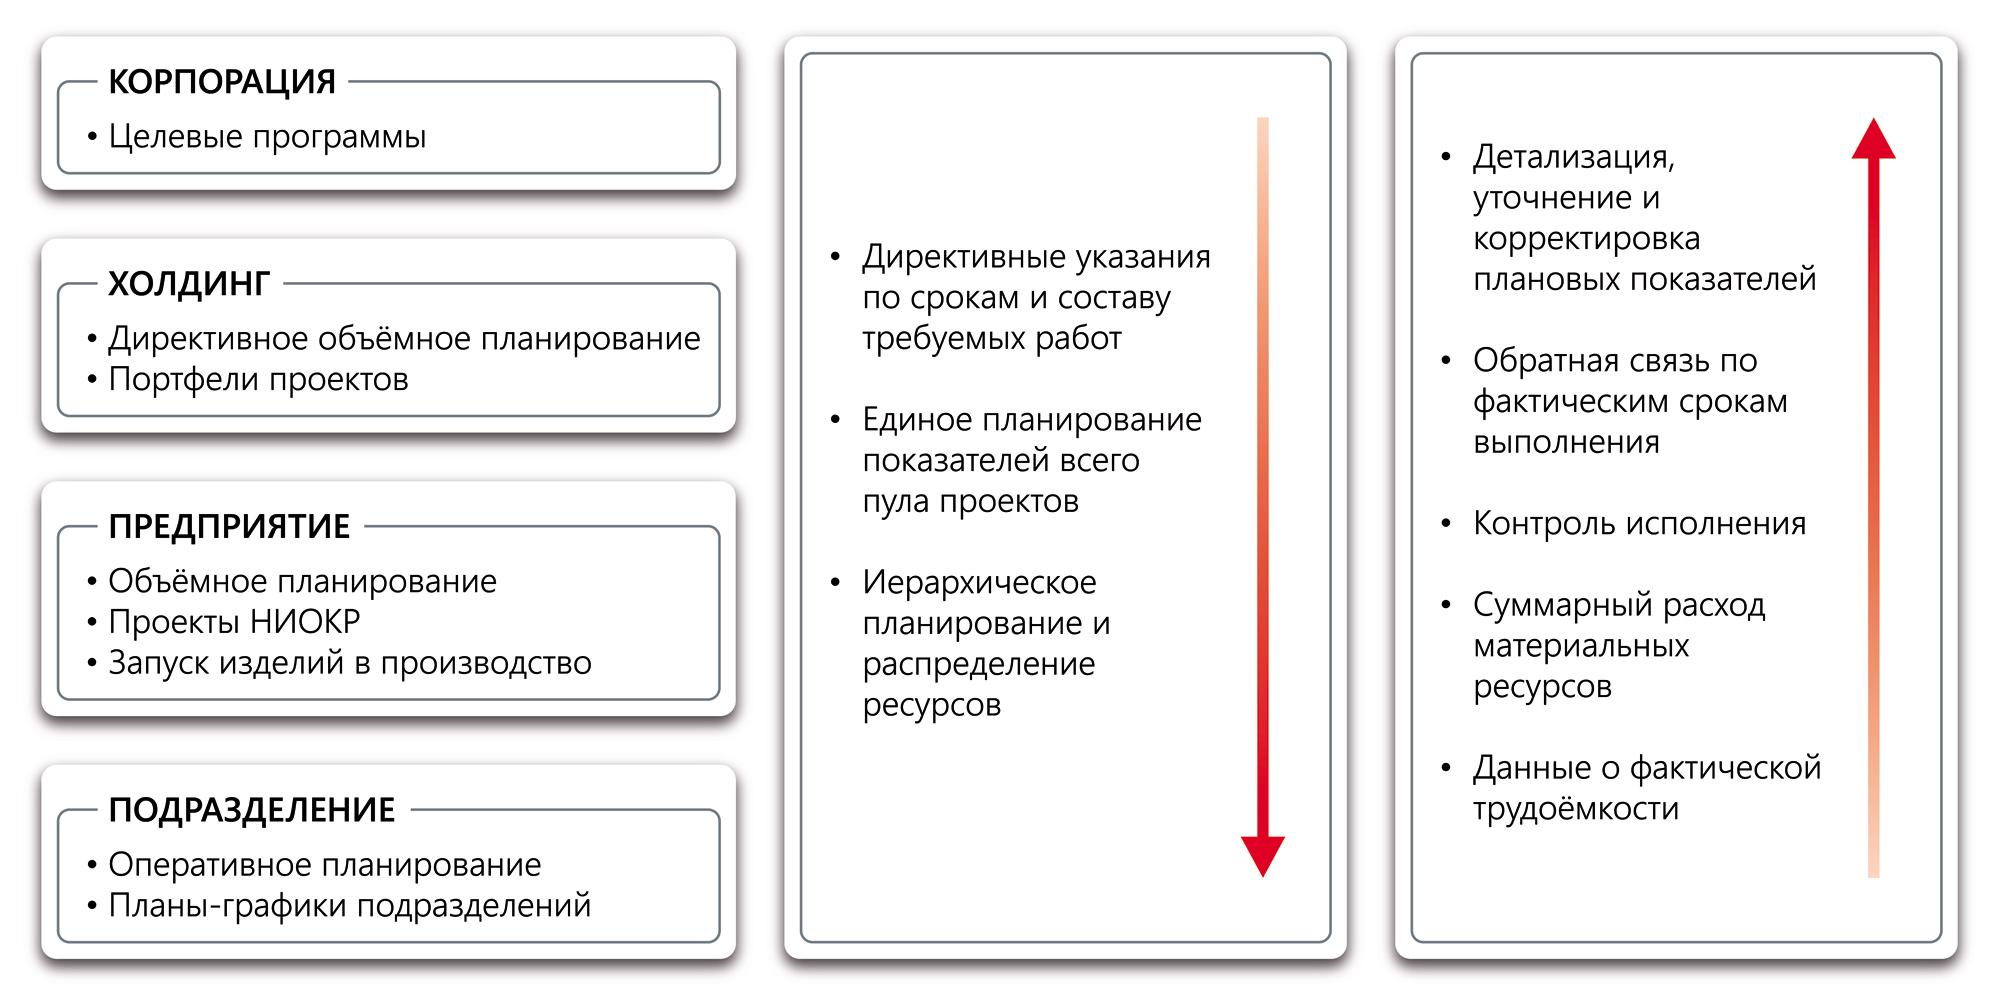 Многоуровневое управление проектами